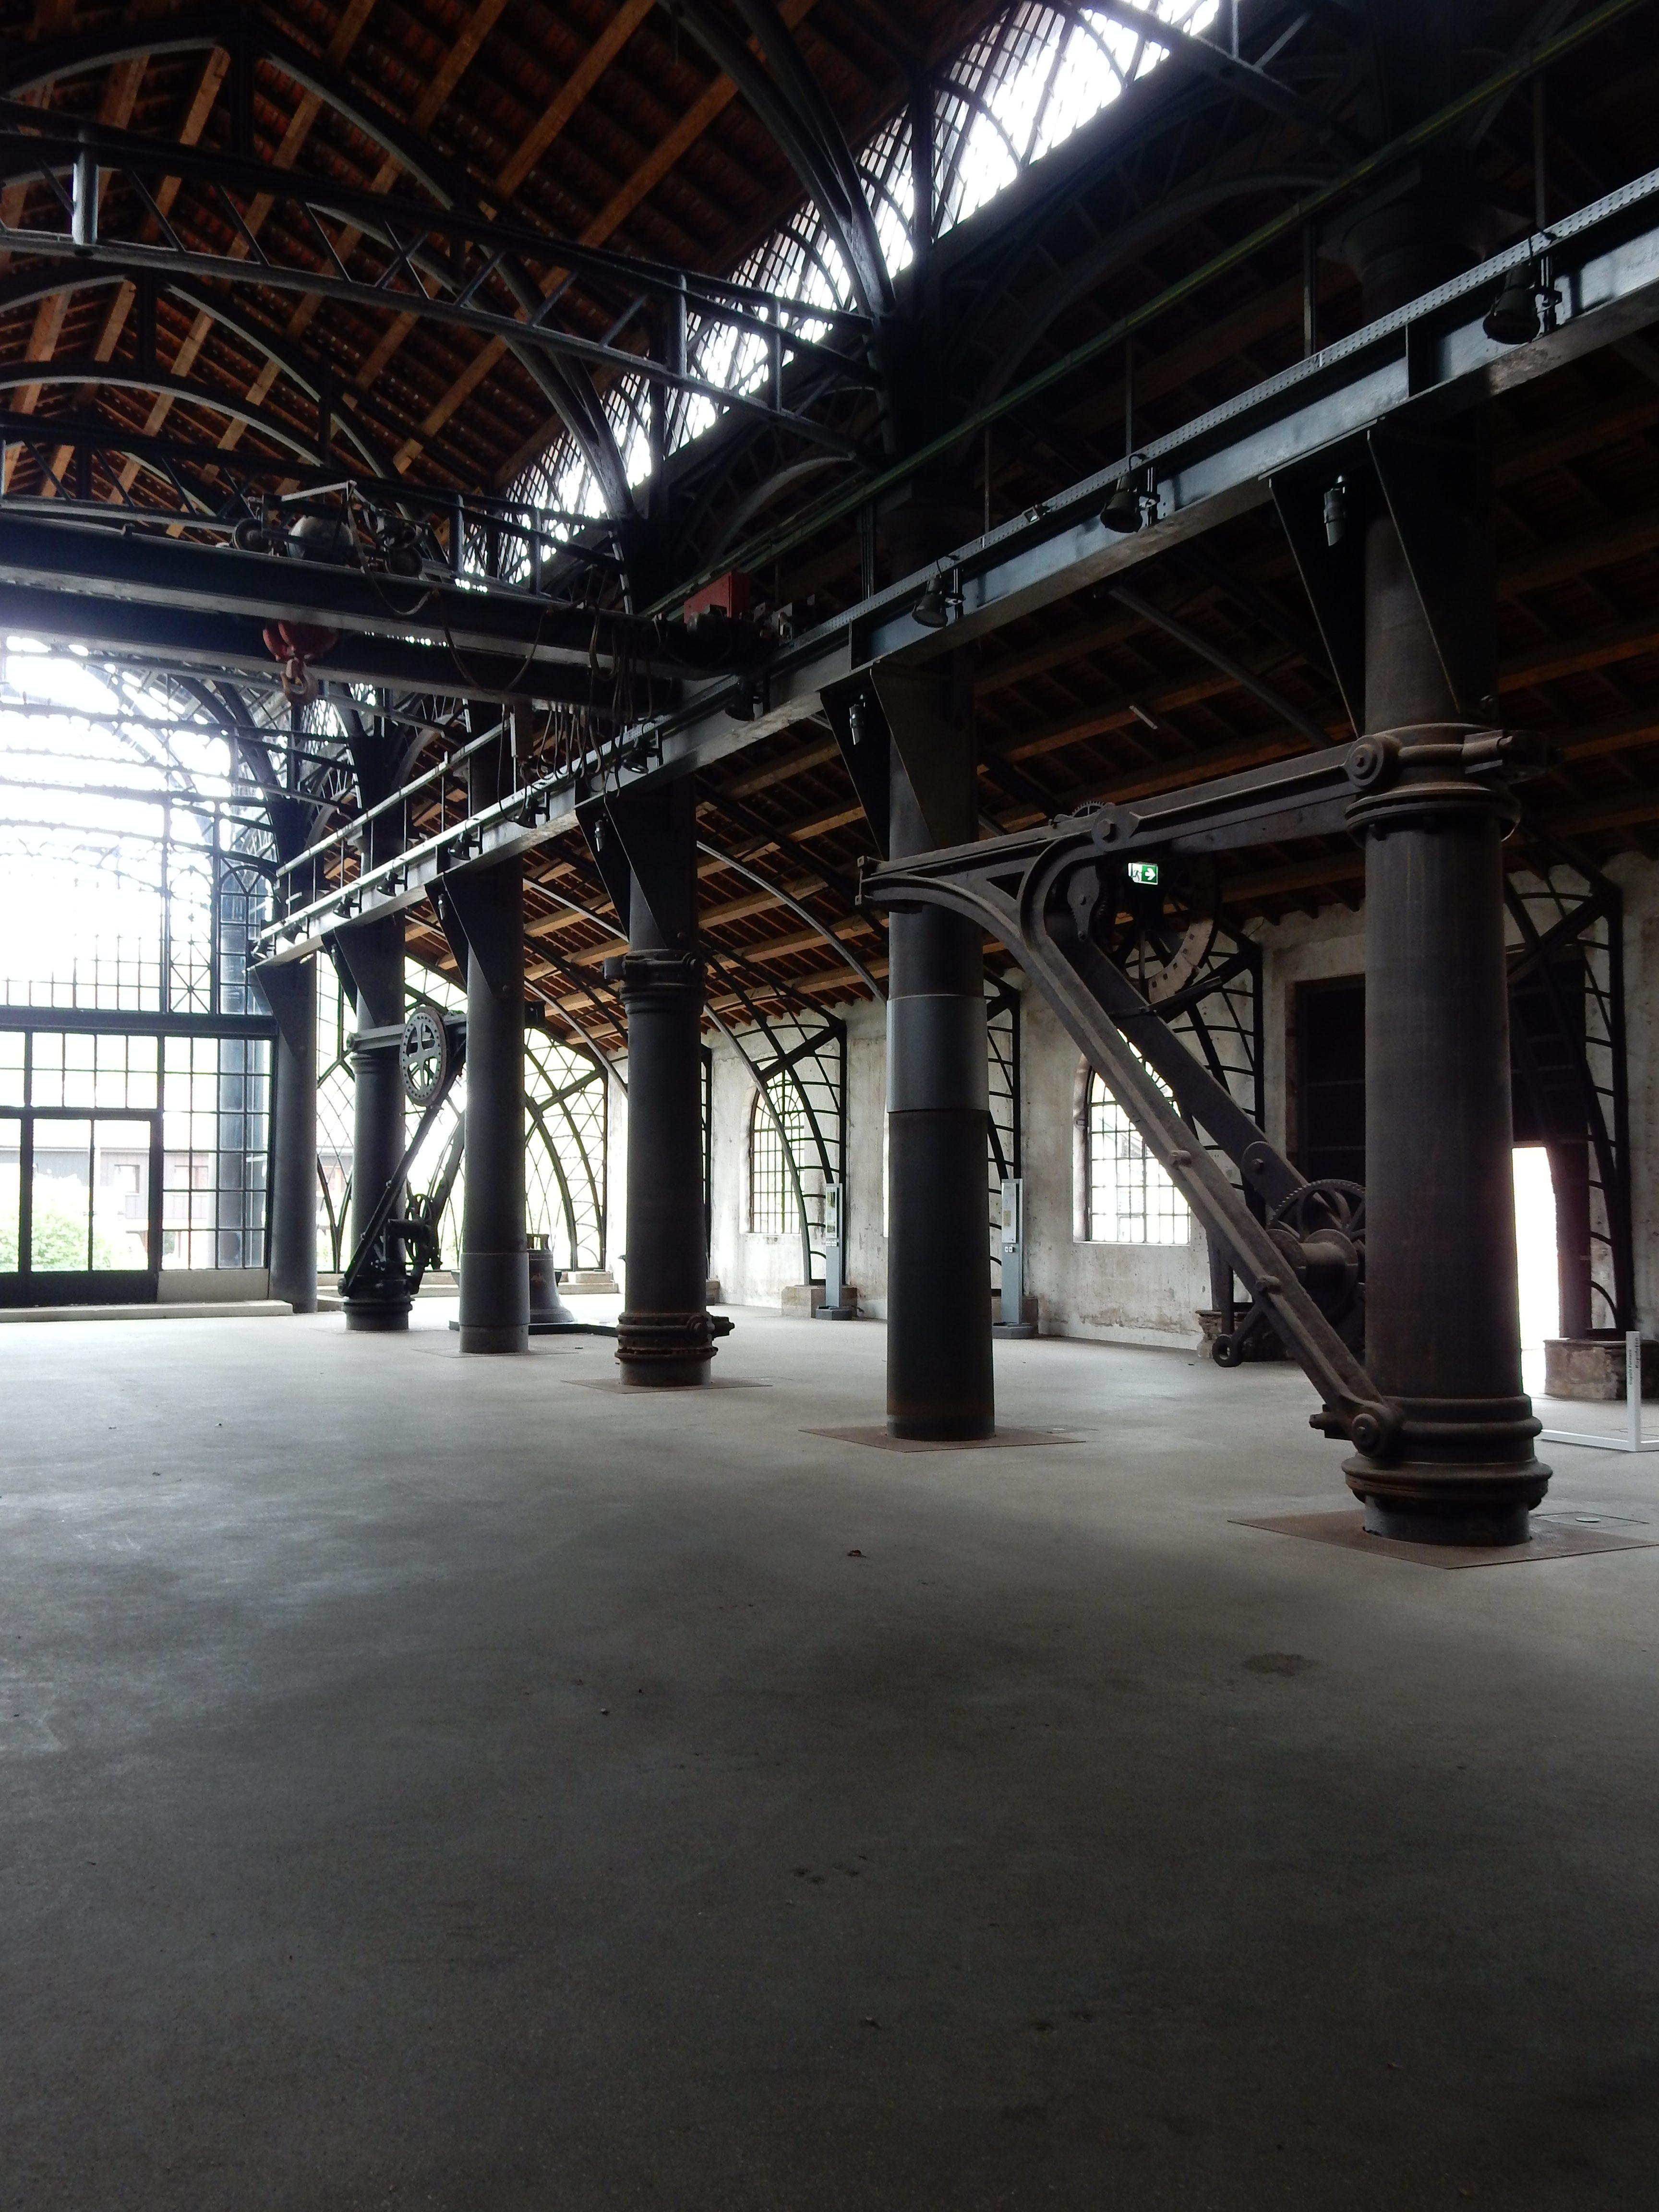 Rheinisches Eisenkunstguß-museum, Sayn. Foto Coert Peter Krabbe, mei 2019